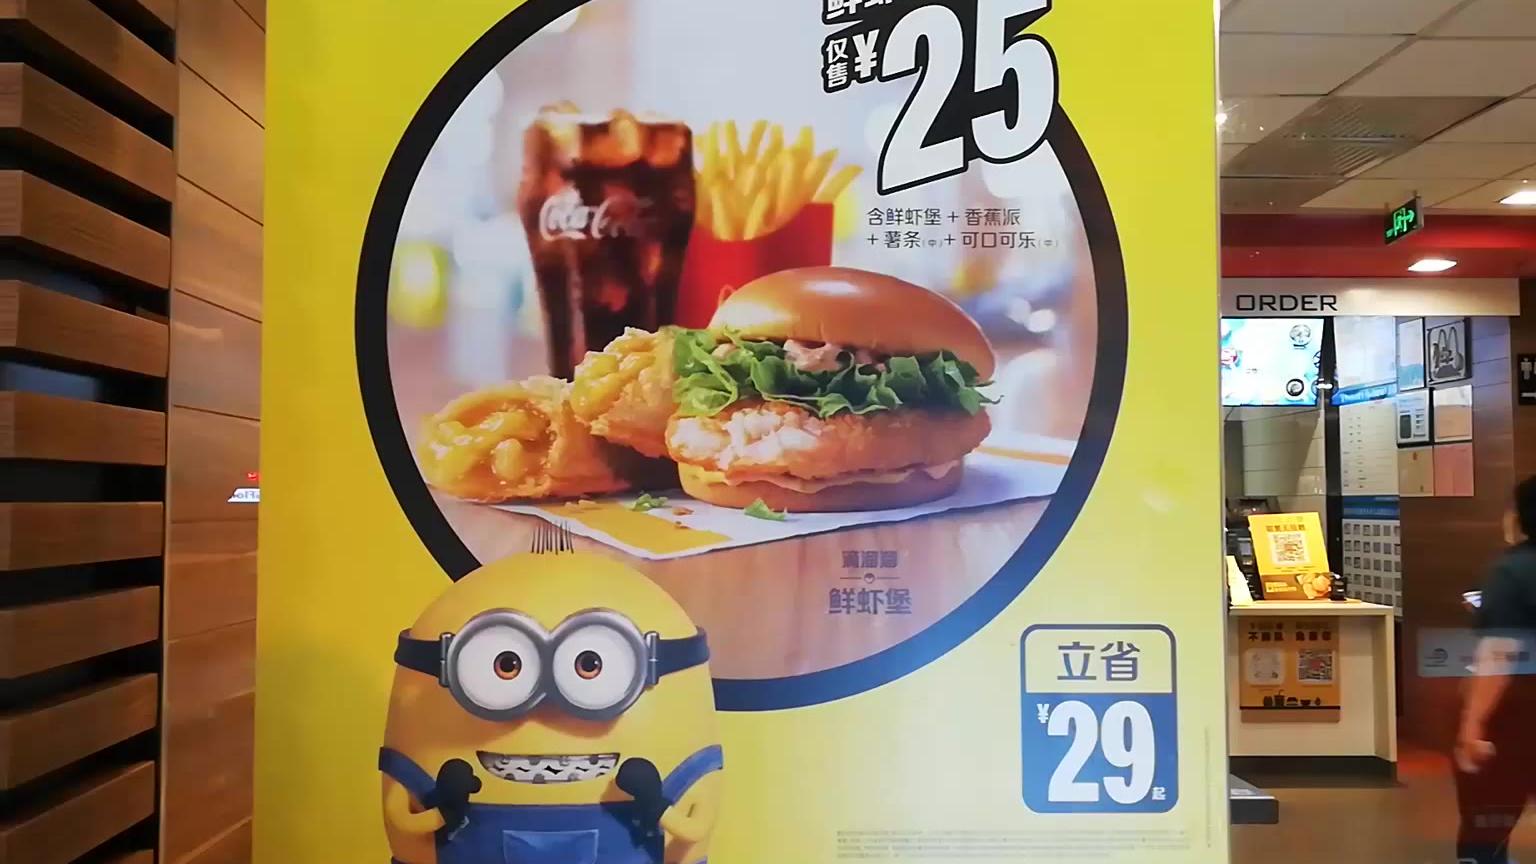 麦当劳新品鲜虾堡